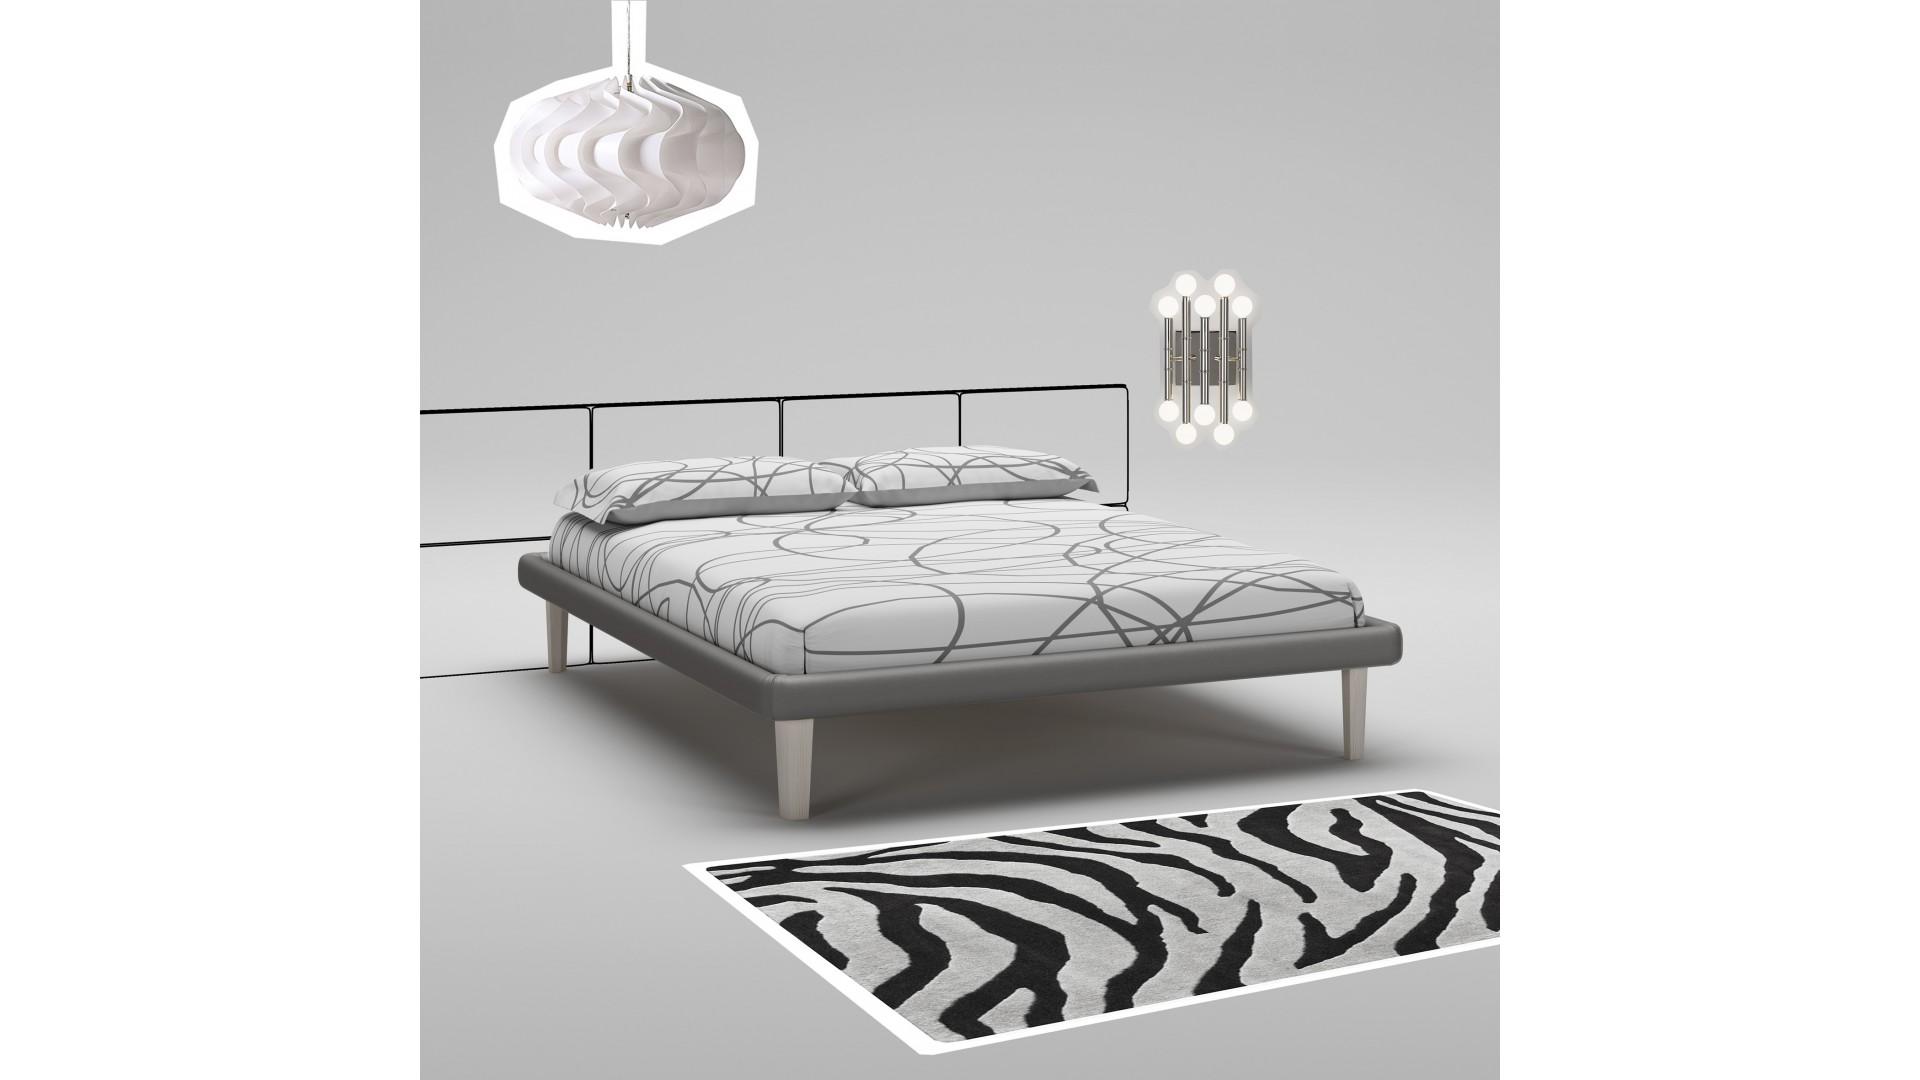 Lit 160x200 PERSONNALISABLE WL123 avec cadre de lit laqué mat - MORETTI COMPACT